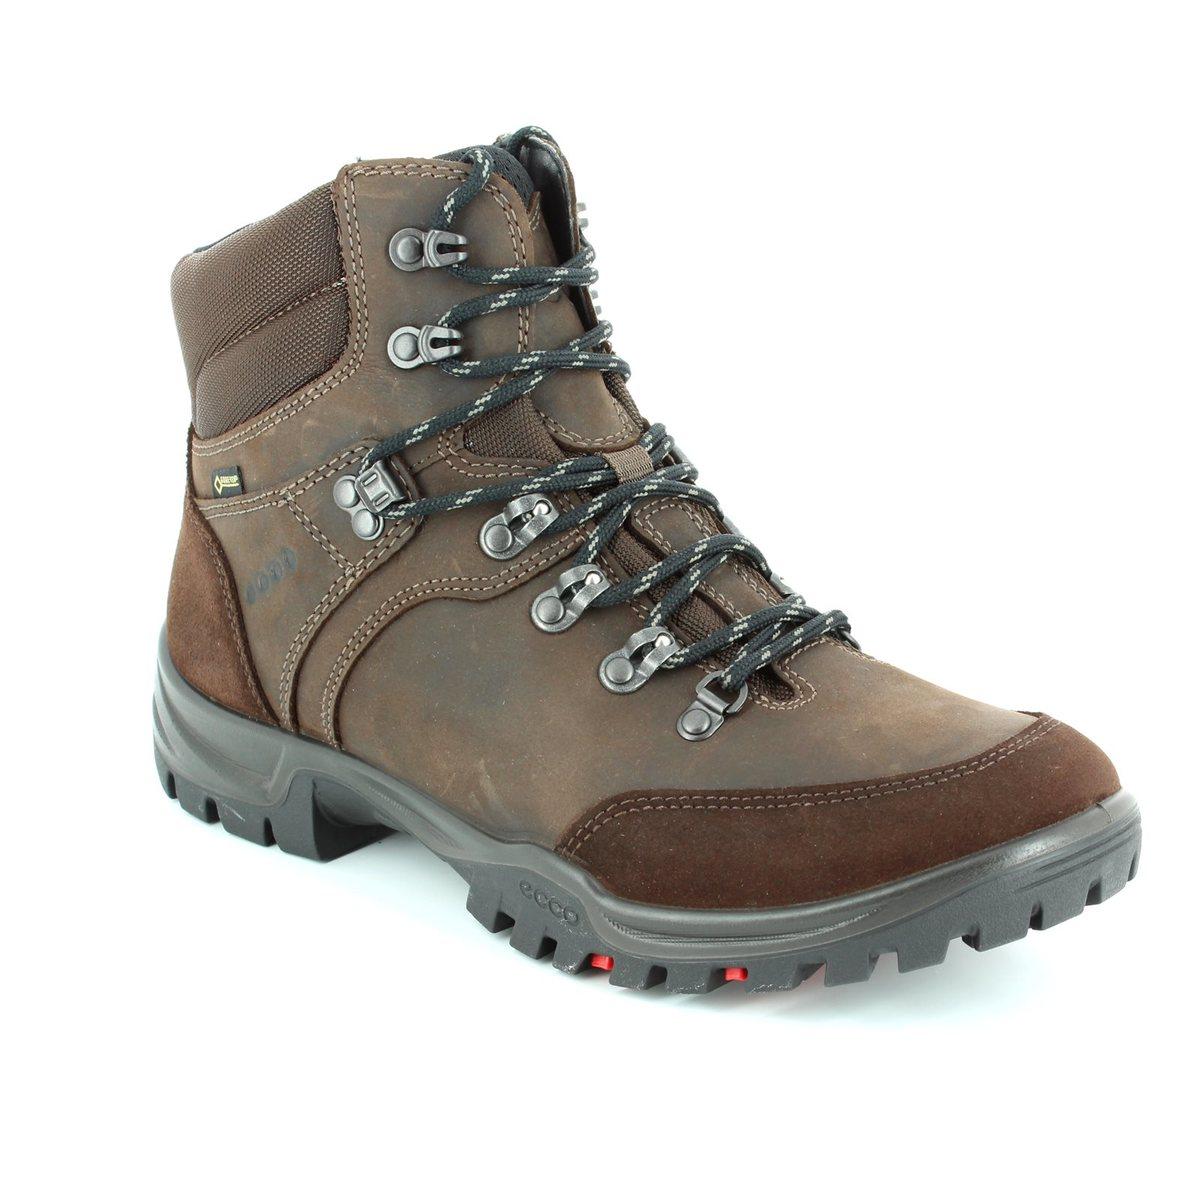 875623e2a0 ECCO Boots - Brown - 811184/02072 XPEDITION 3 MEN GORE-TEX